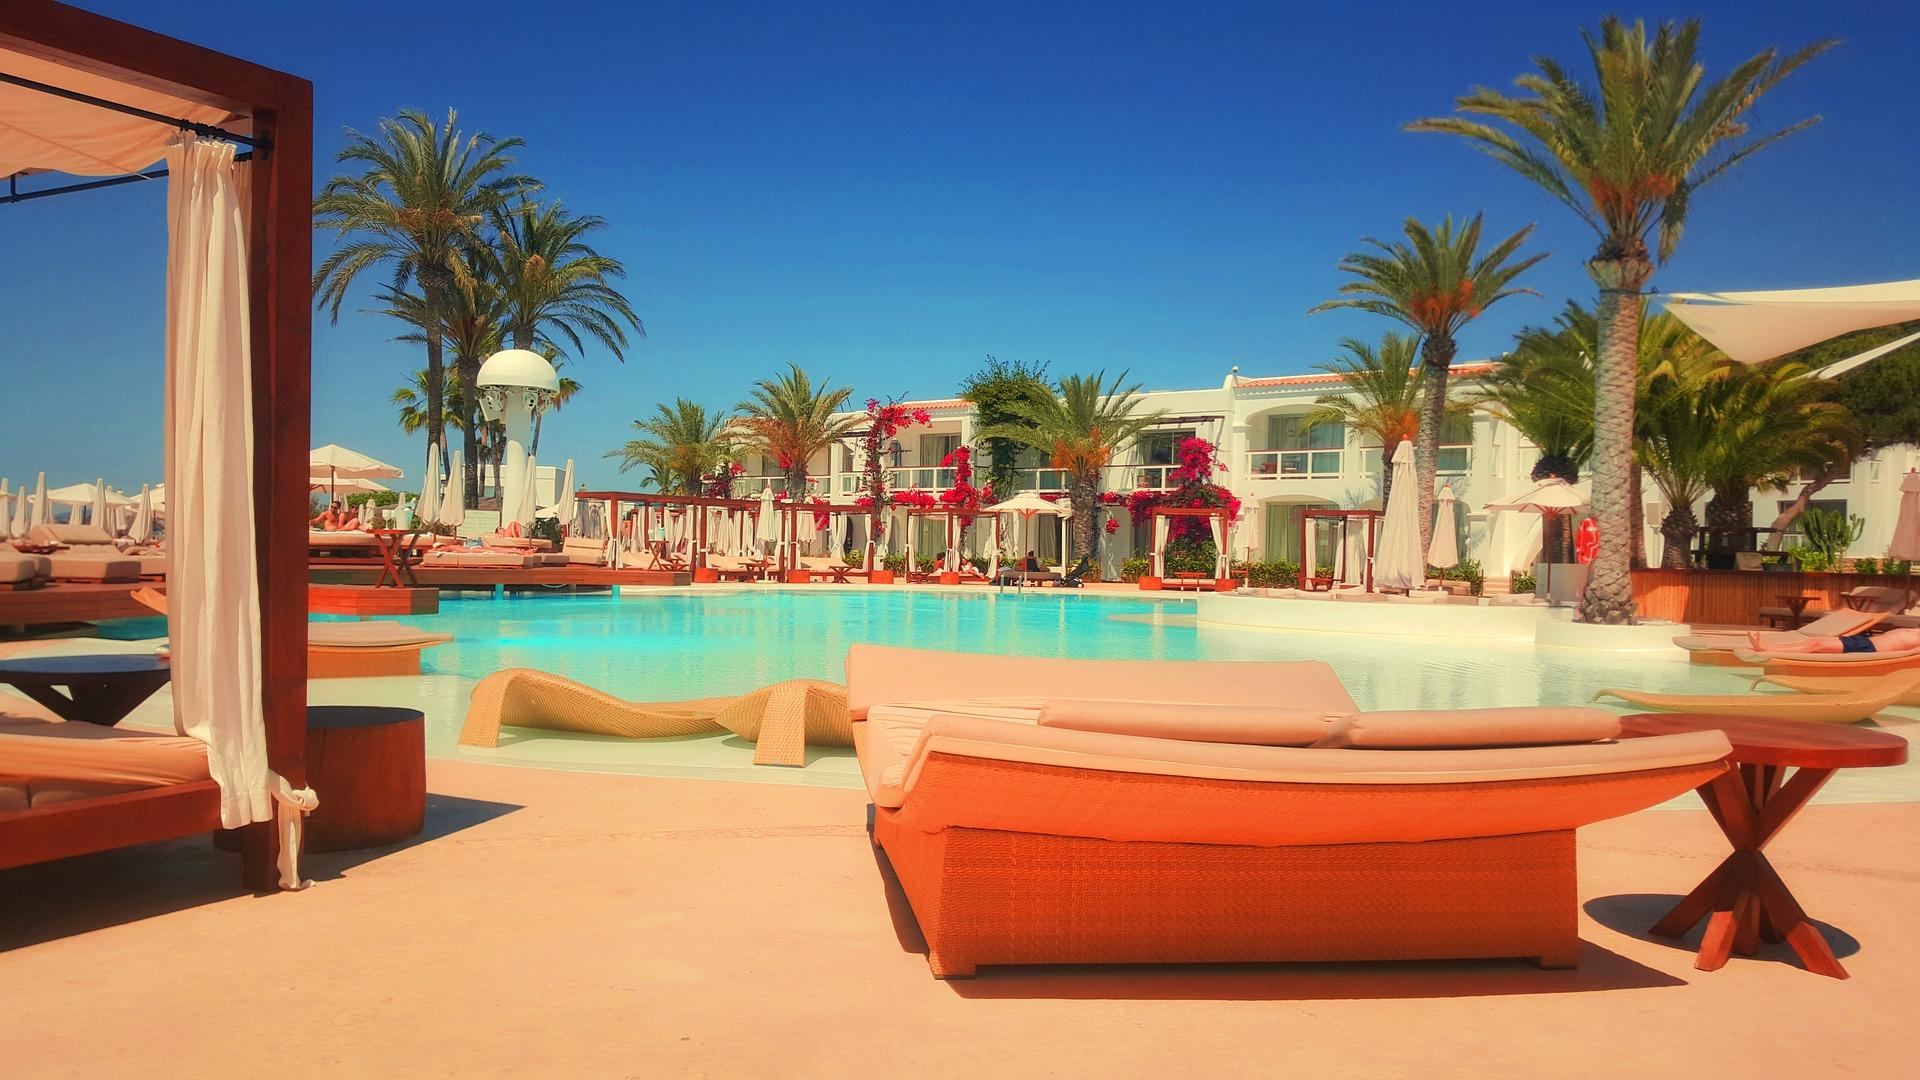 Selbst an Verfügaren Hotels kann man einen Badeurlaub in Verbindung mit der Rabattaktion buchen